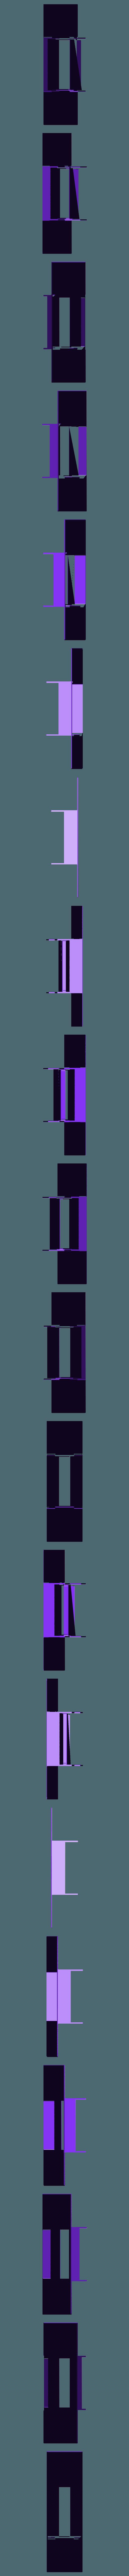 Cuba Libre Card Holder.STL Télécharger fichier STL gratuit Cuba Libre - Encart et organisateur de jeux de société • Plan pour impression 3D, danielbeaver